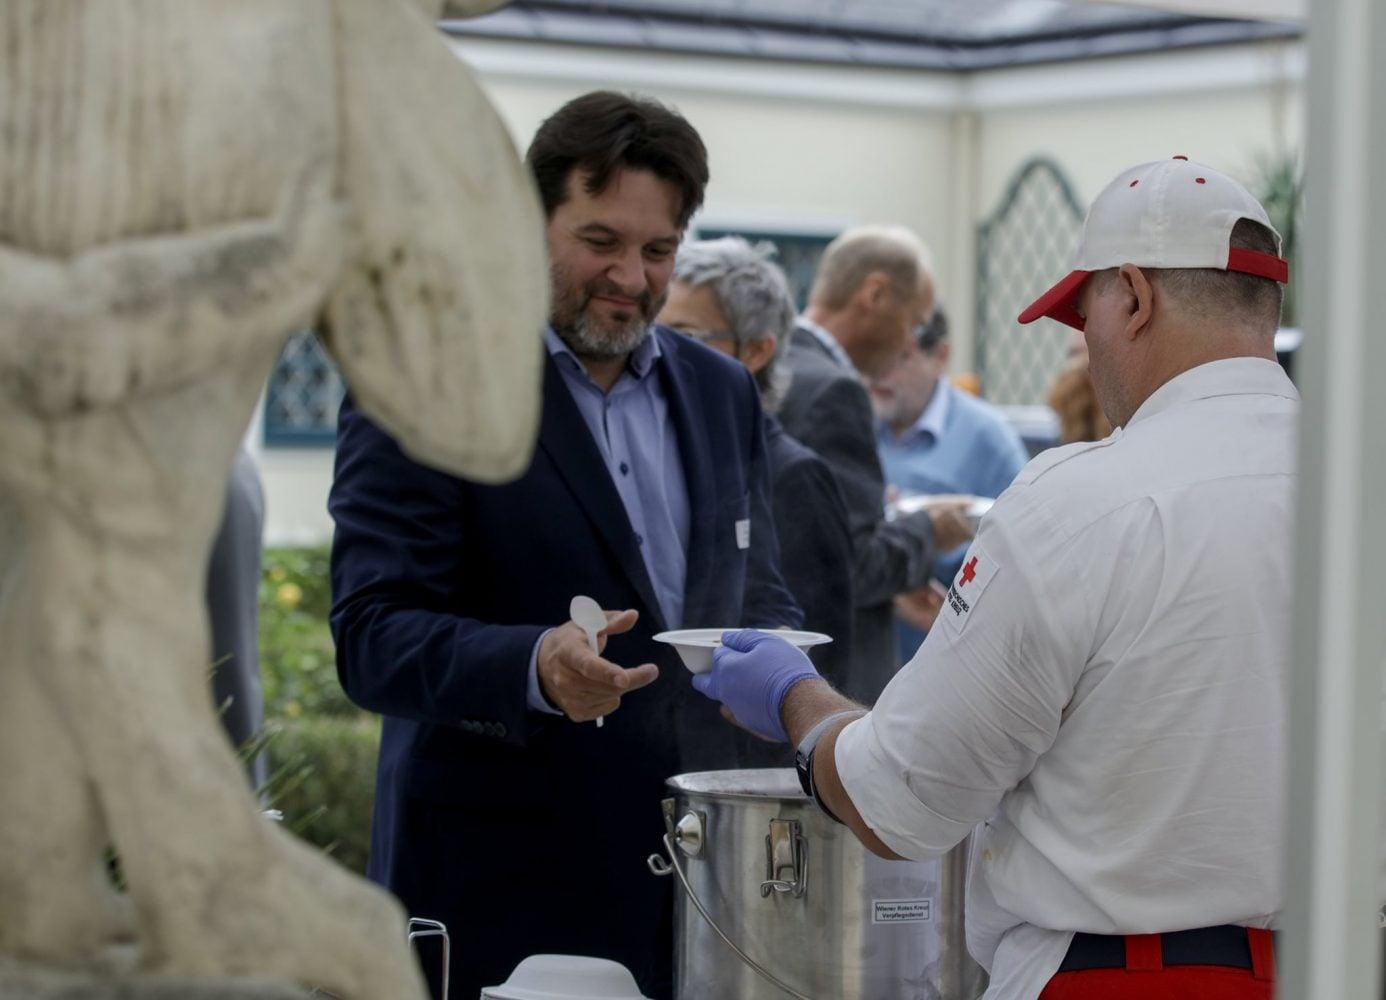 Mittagsverpflegung durch das Wiener Rote Kreuz, Foto: BPD